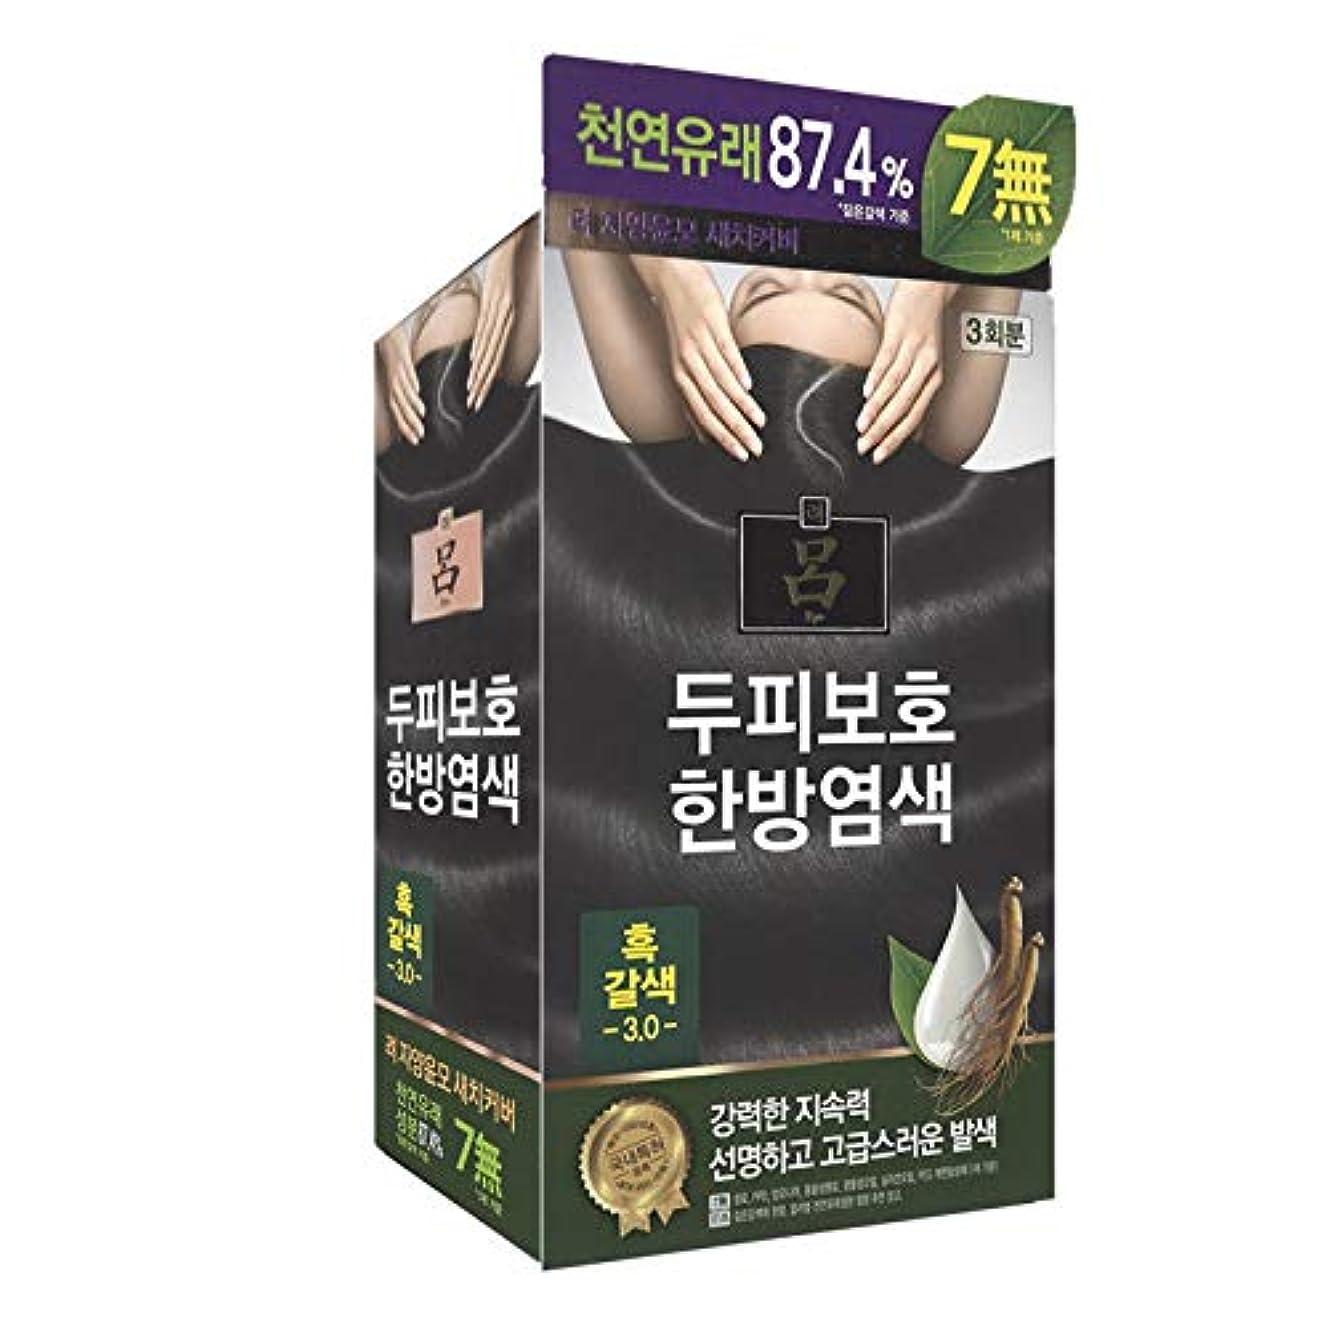 キャリアバレーボールラフアモーレパシフィック呂[AMOREPACIFIC/Ryo] Jayang Yunmoグレーヘアカバー 3.0 黒褐色(Blackish Brown)